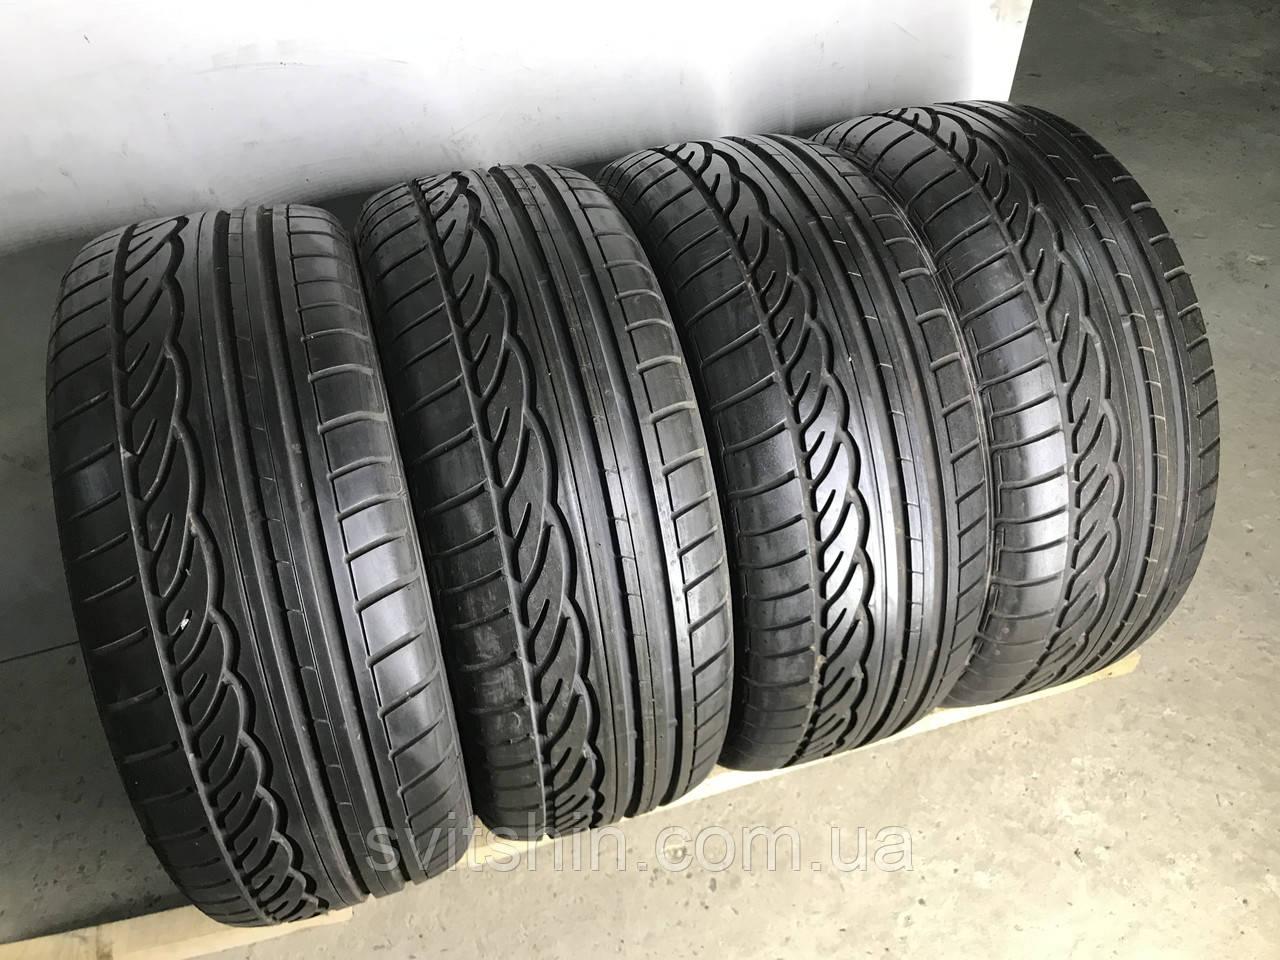 Шины бу летние 225/50R17 Dunlop SP Sport 01 (7мм) 4шт.